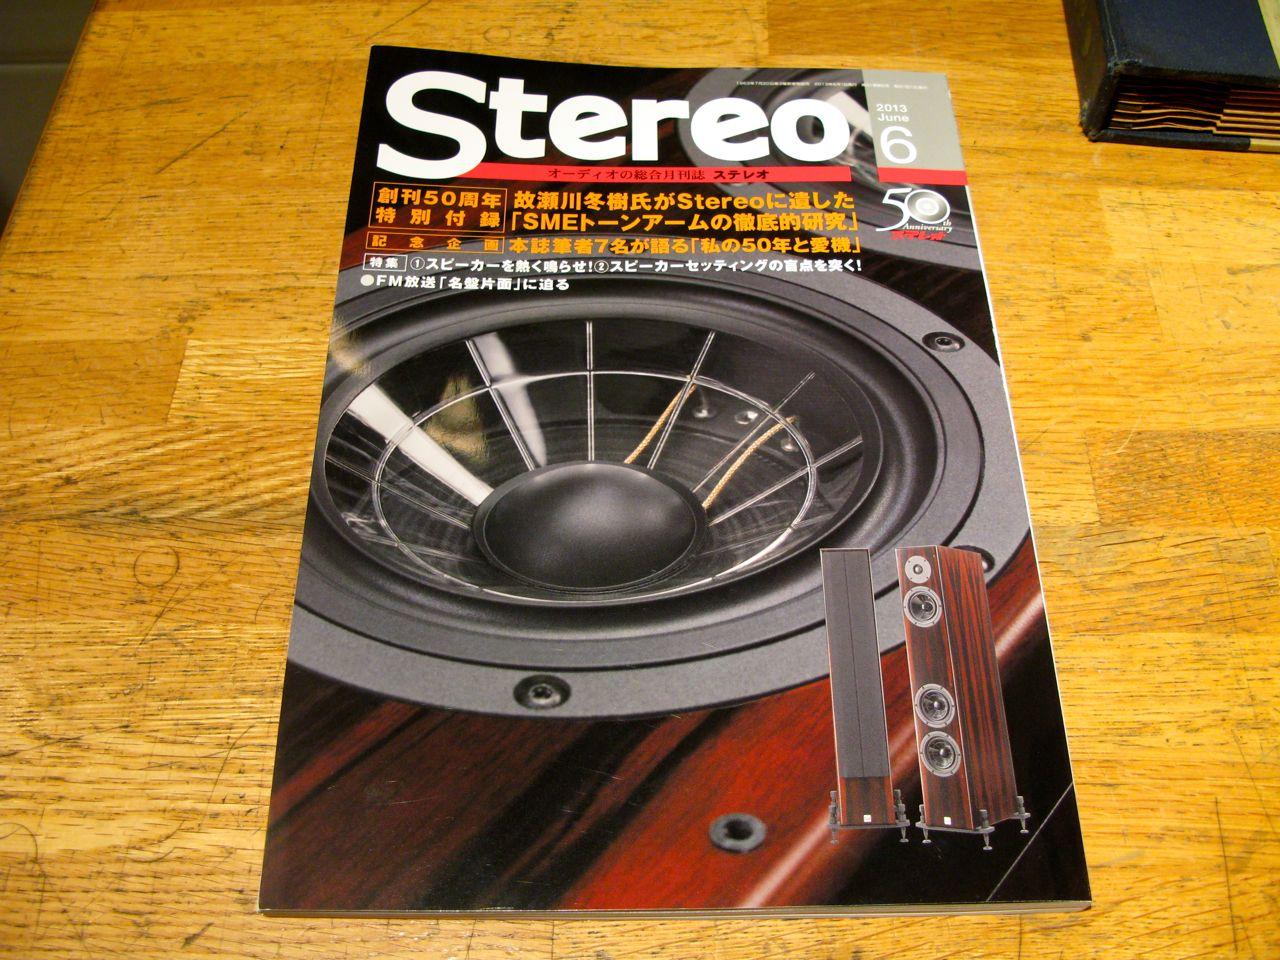 月刊誌「Stereo」にてシェルマンが紹介されました_a0047010_1944052.jpg